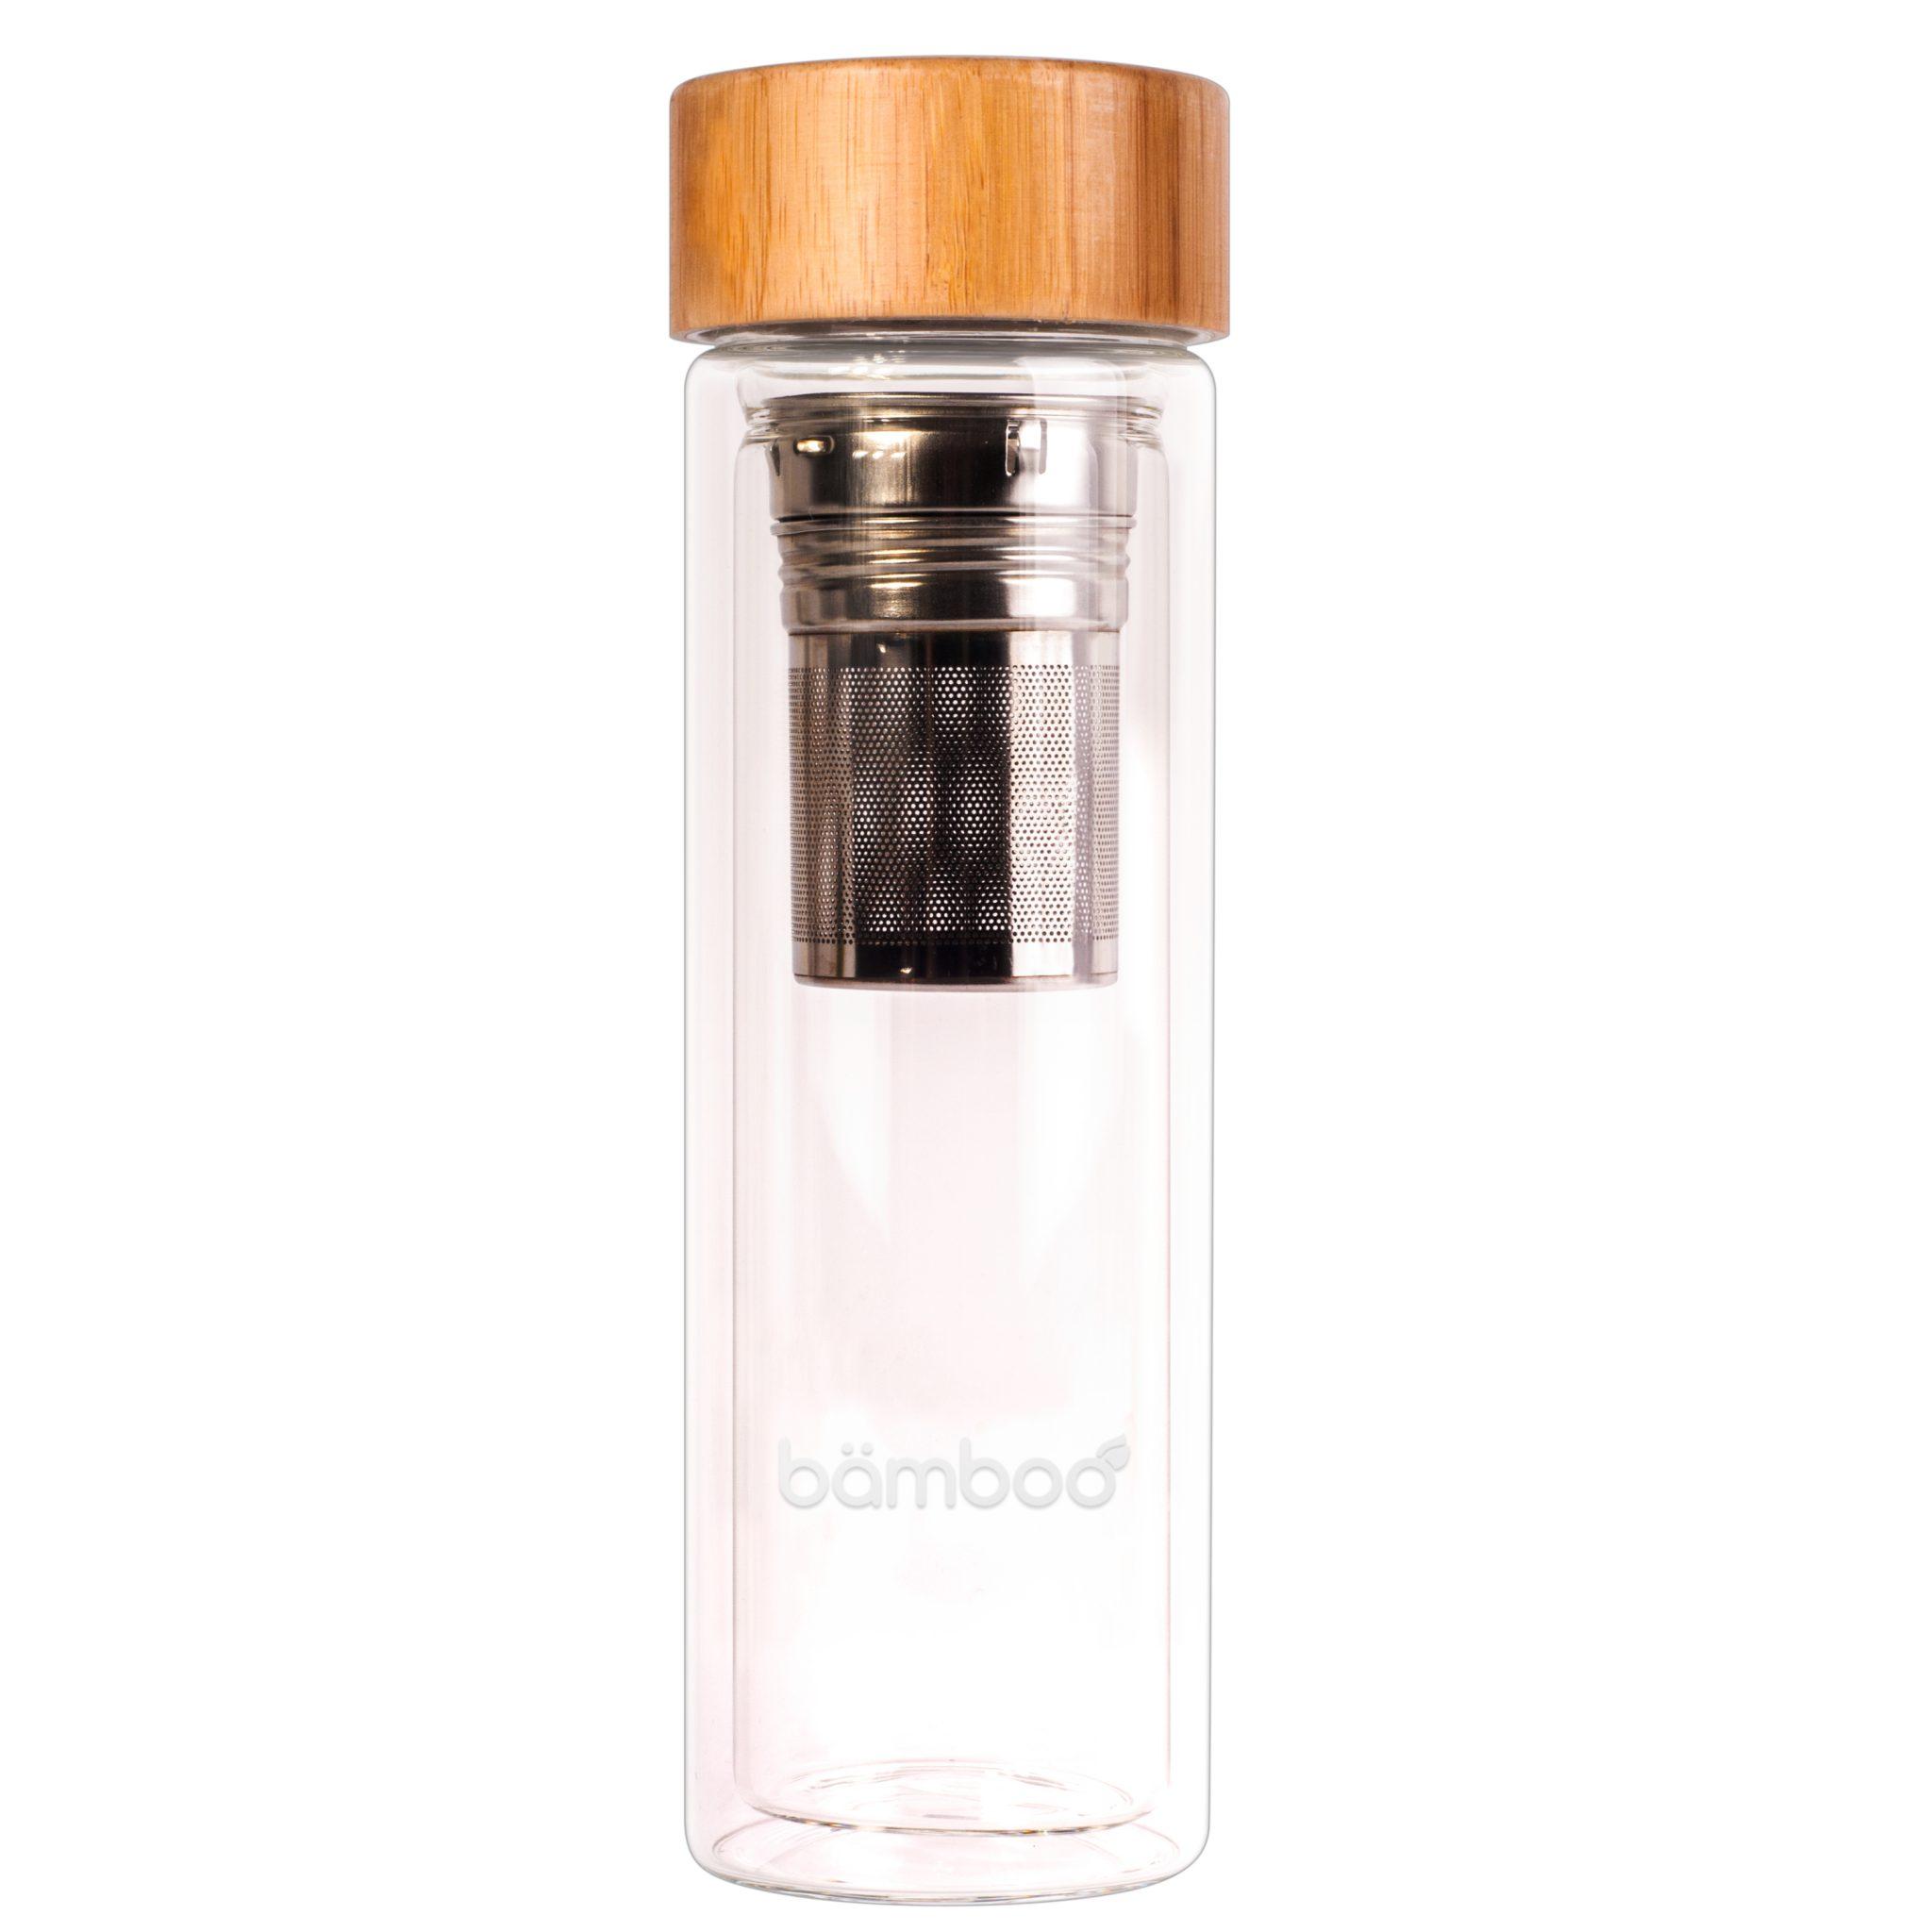 b mboo infusion bottle design produkte online kaufen. Black Bedroom Furniture Sets. Home Design Ideas